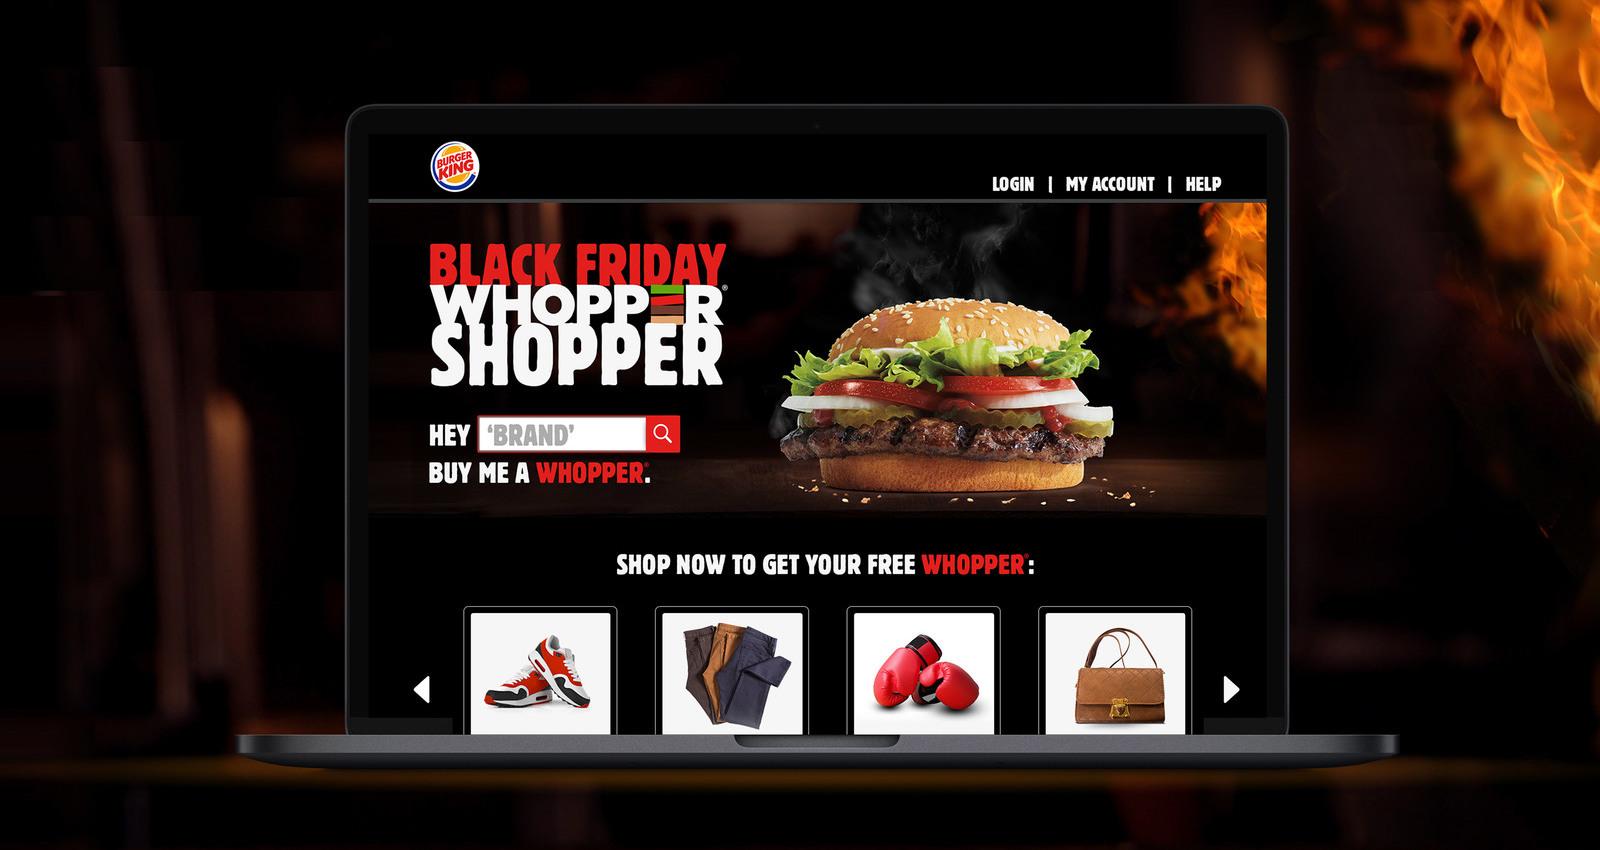 Black Friday Whopper Shopper